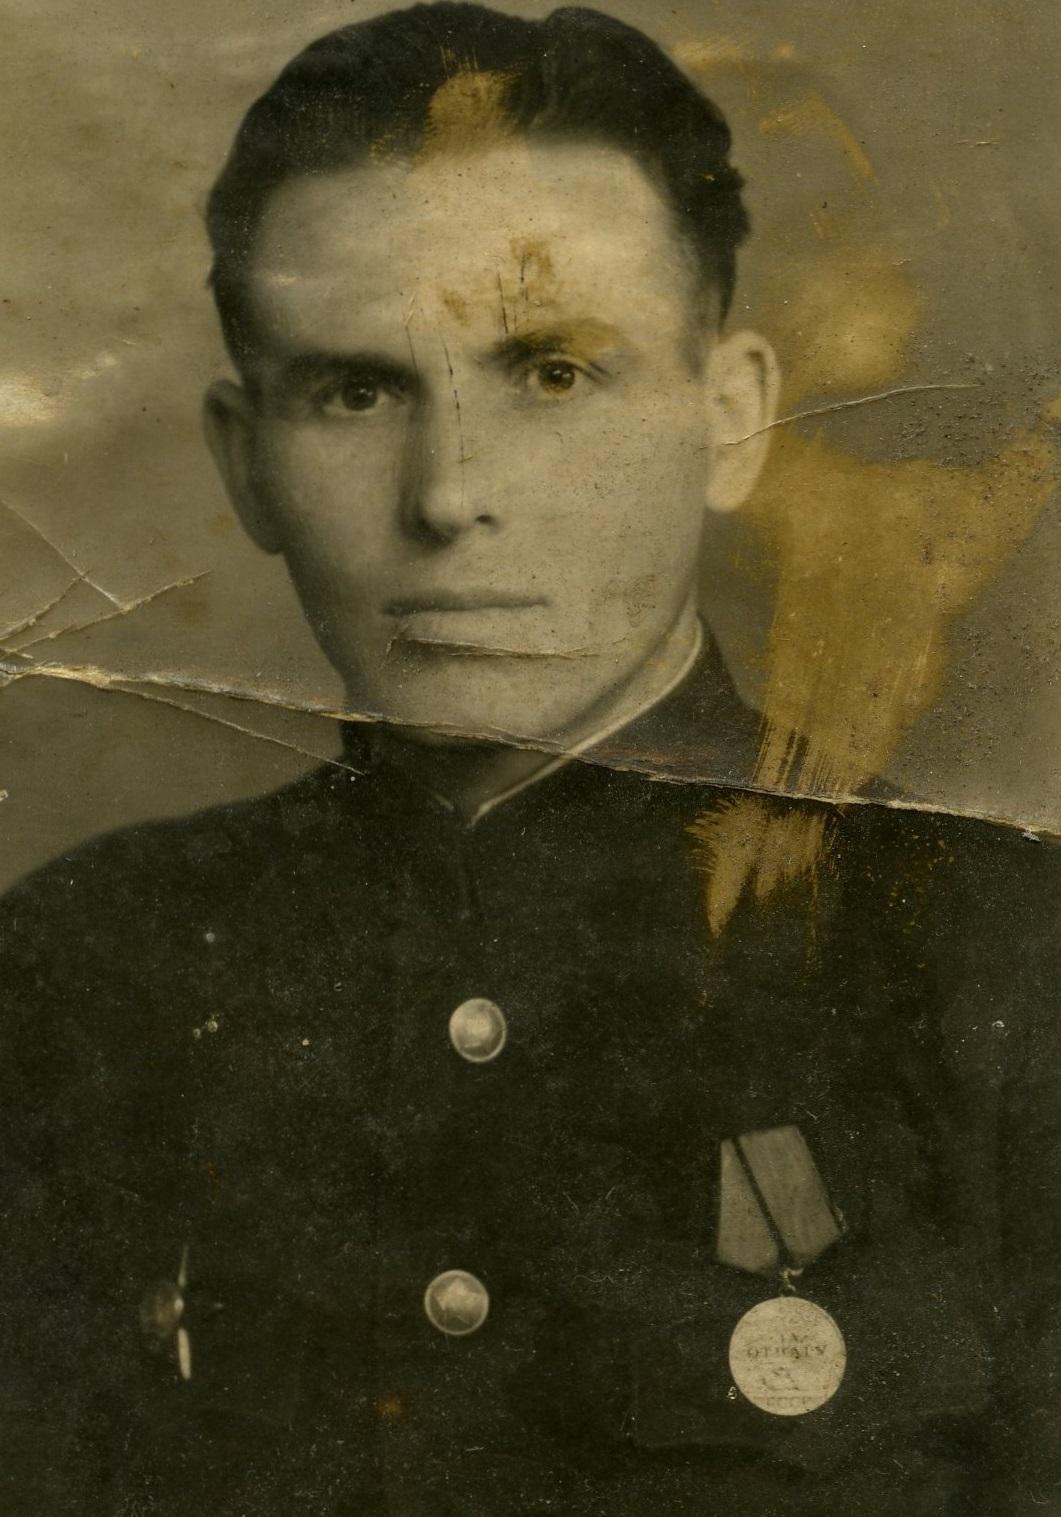 Николай Терентьевич Павлов (1921-1988)